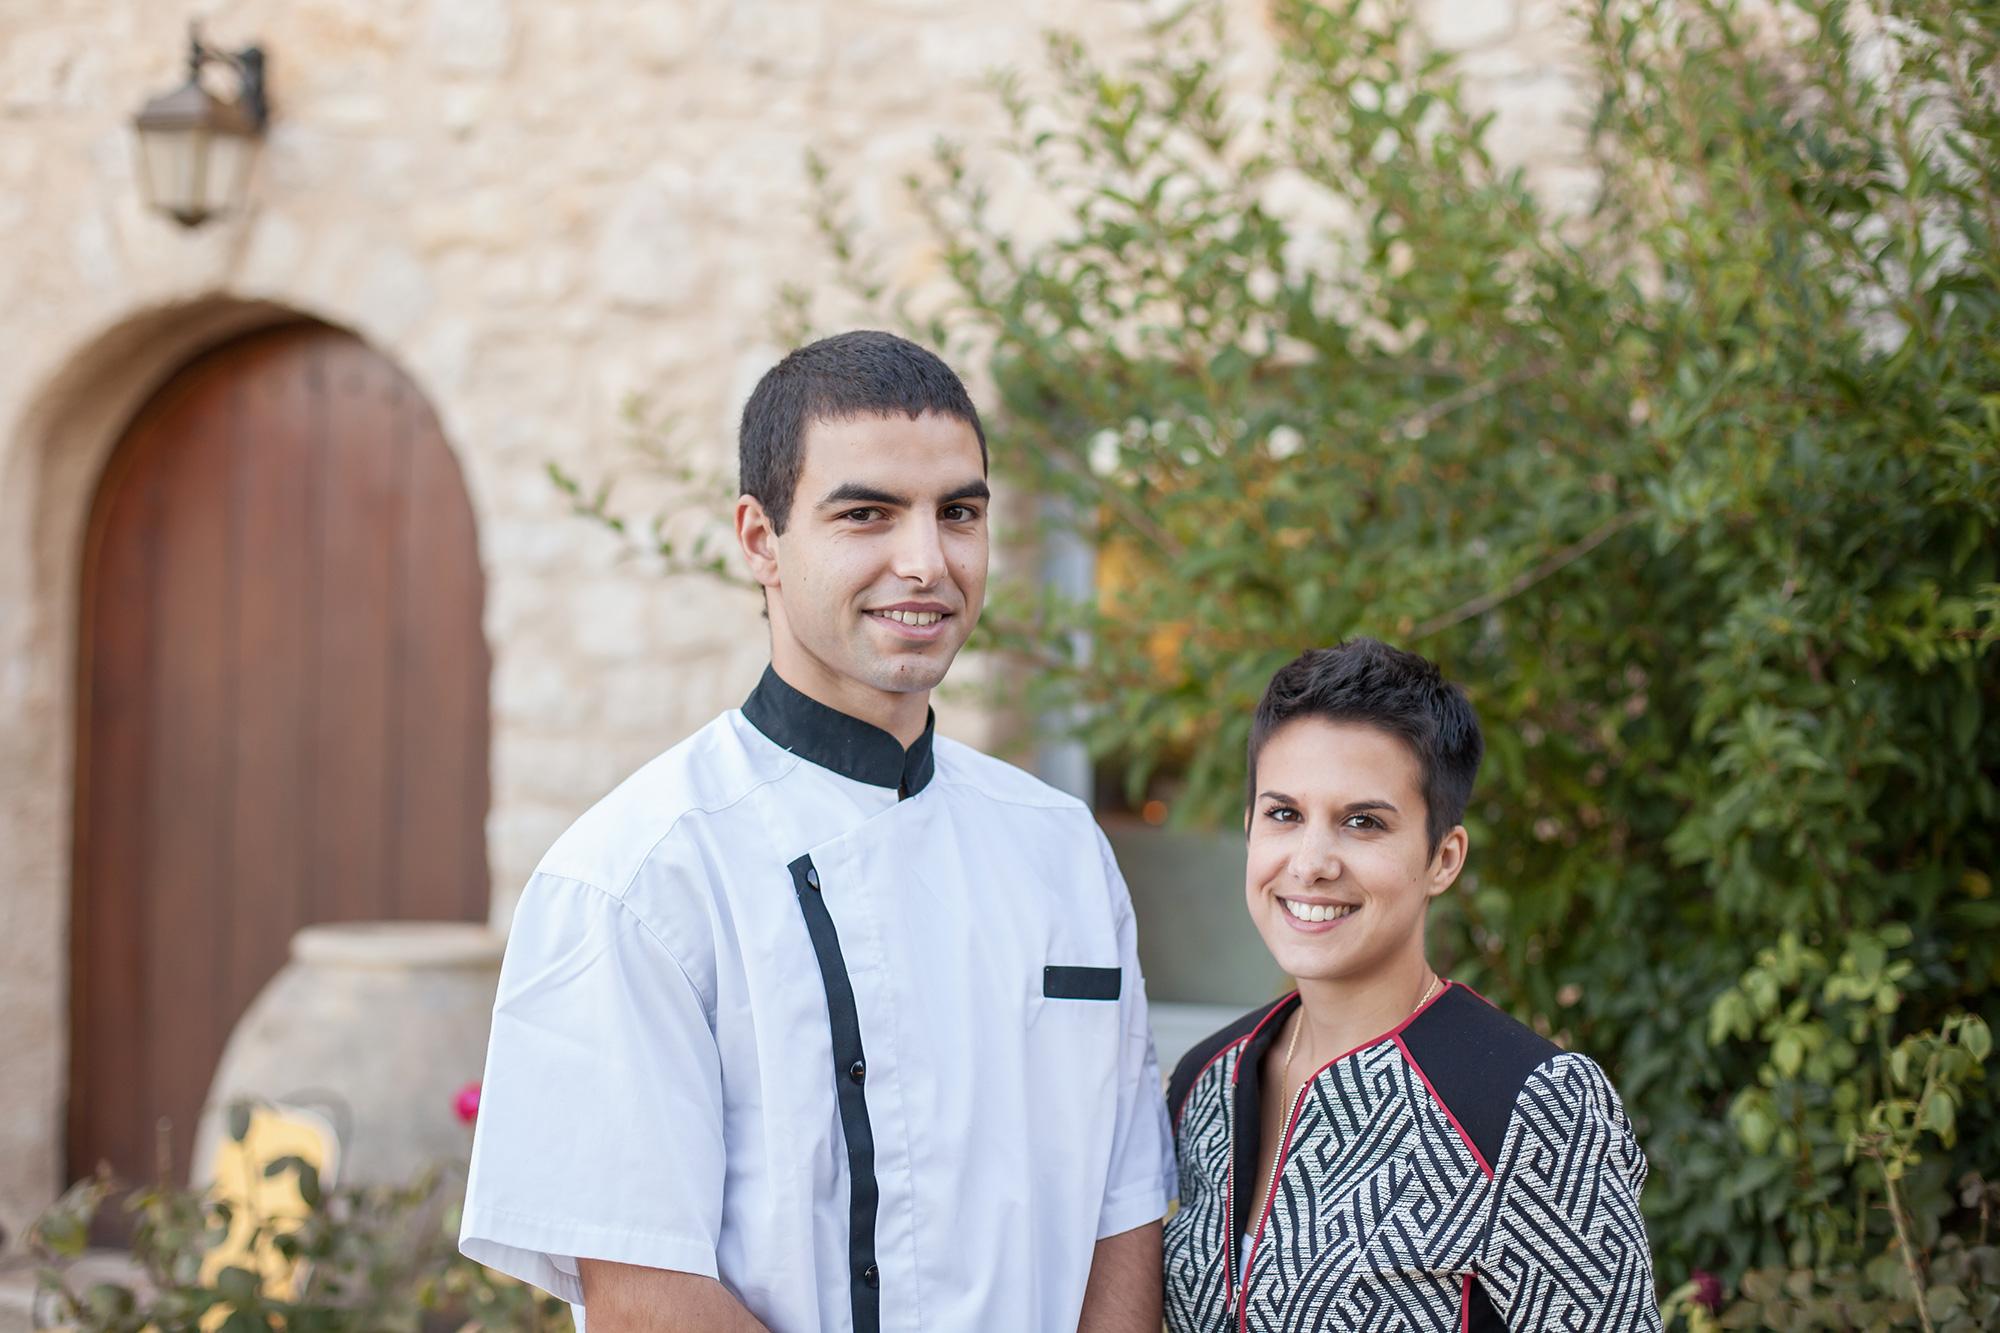 À droite une femme les cheveux courts, brune, à gauche un homme en veste de cuisine